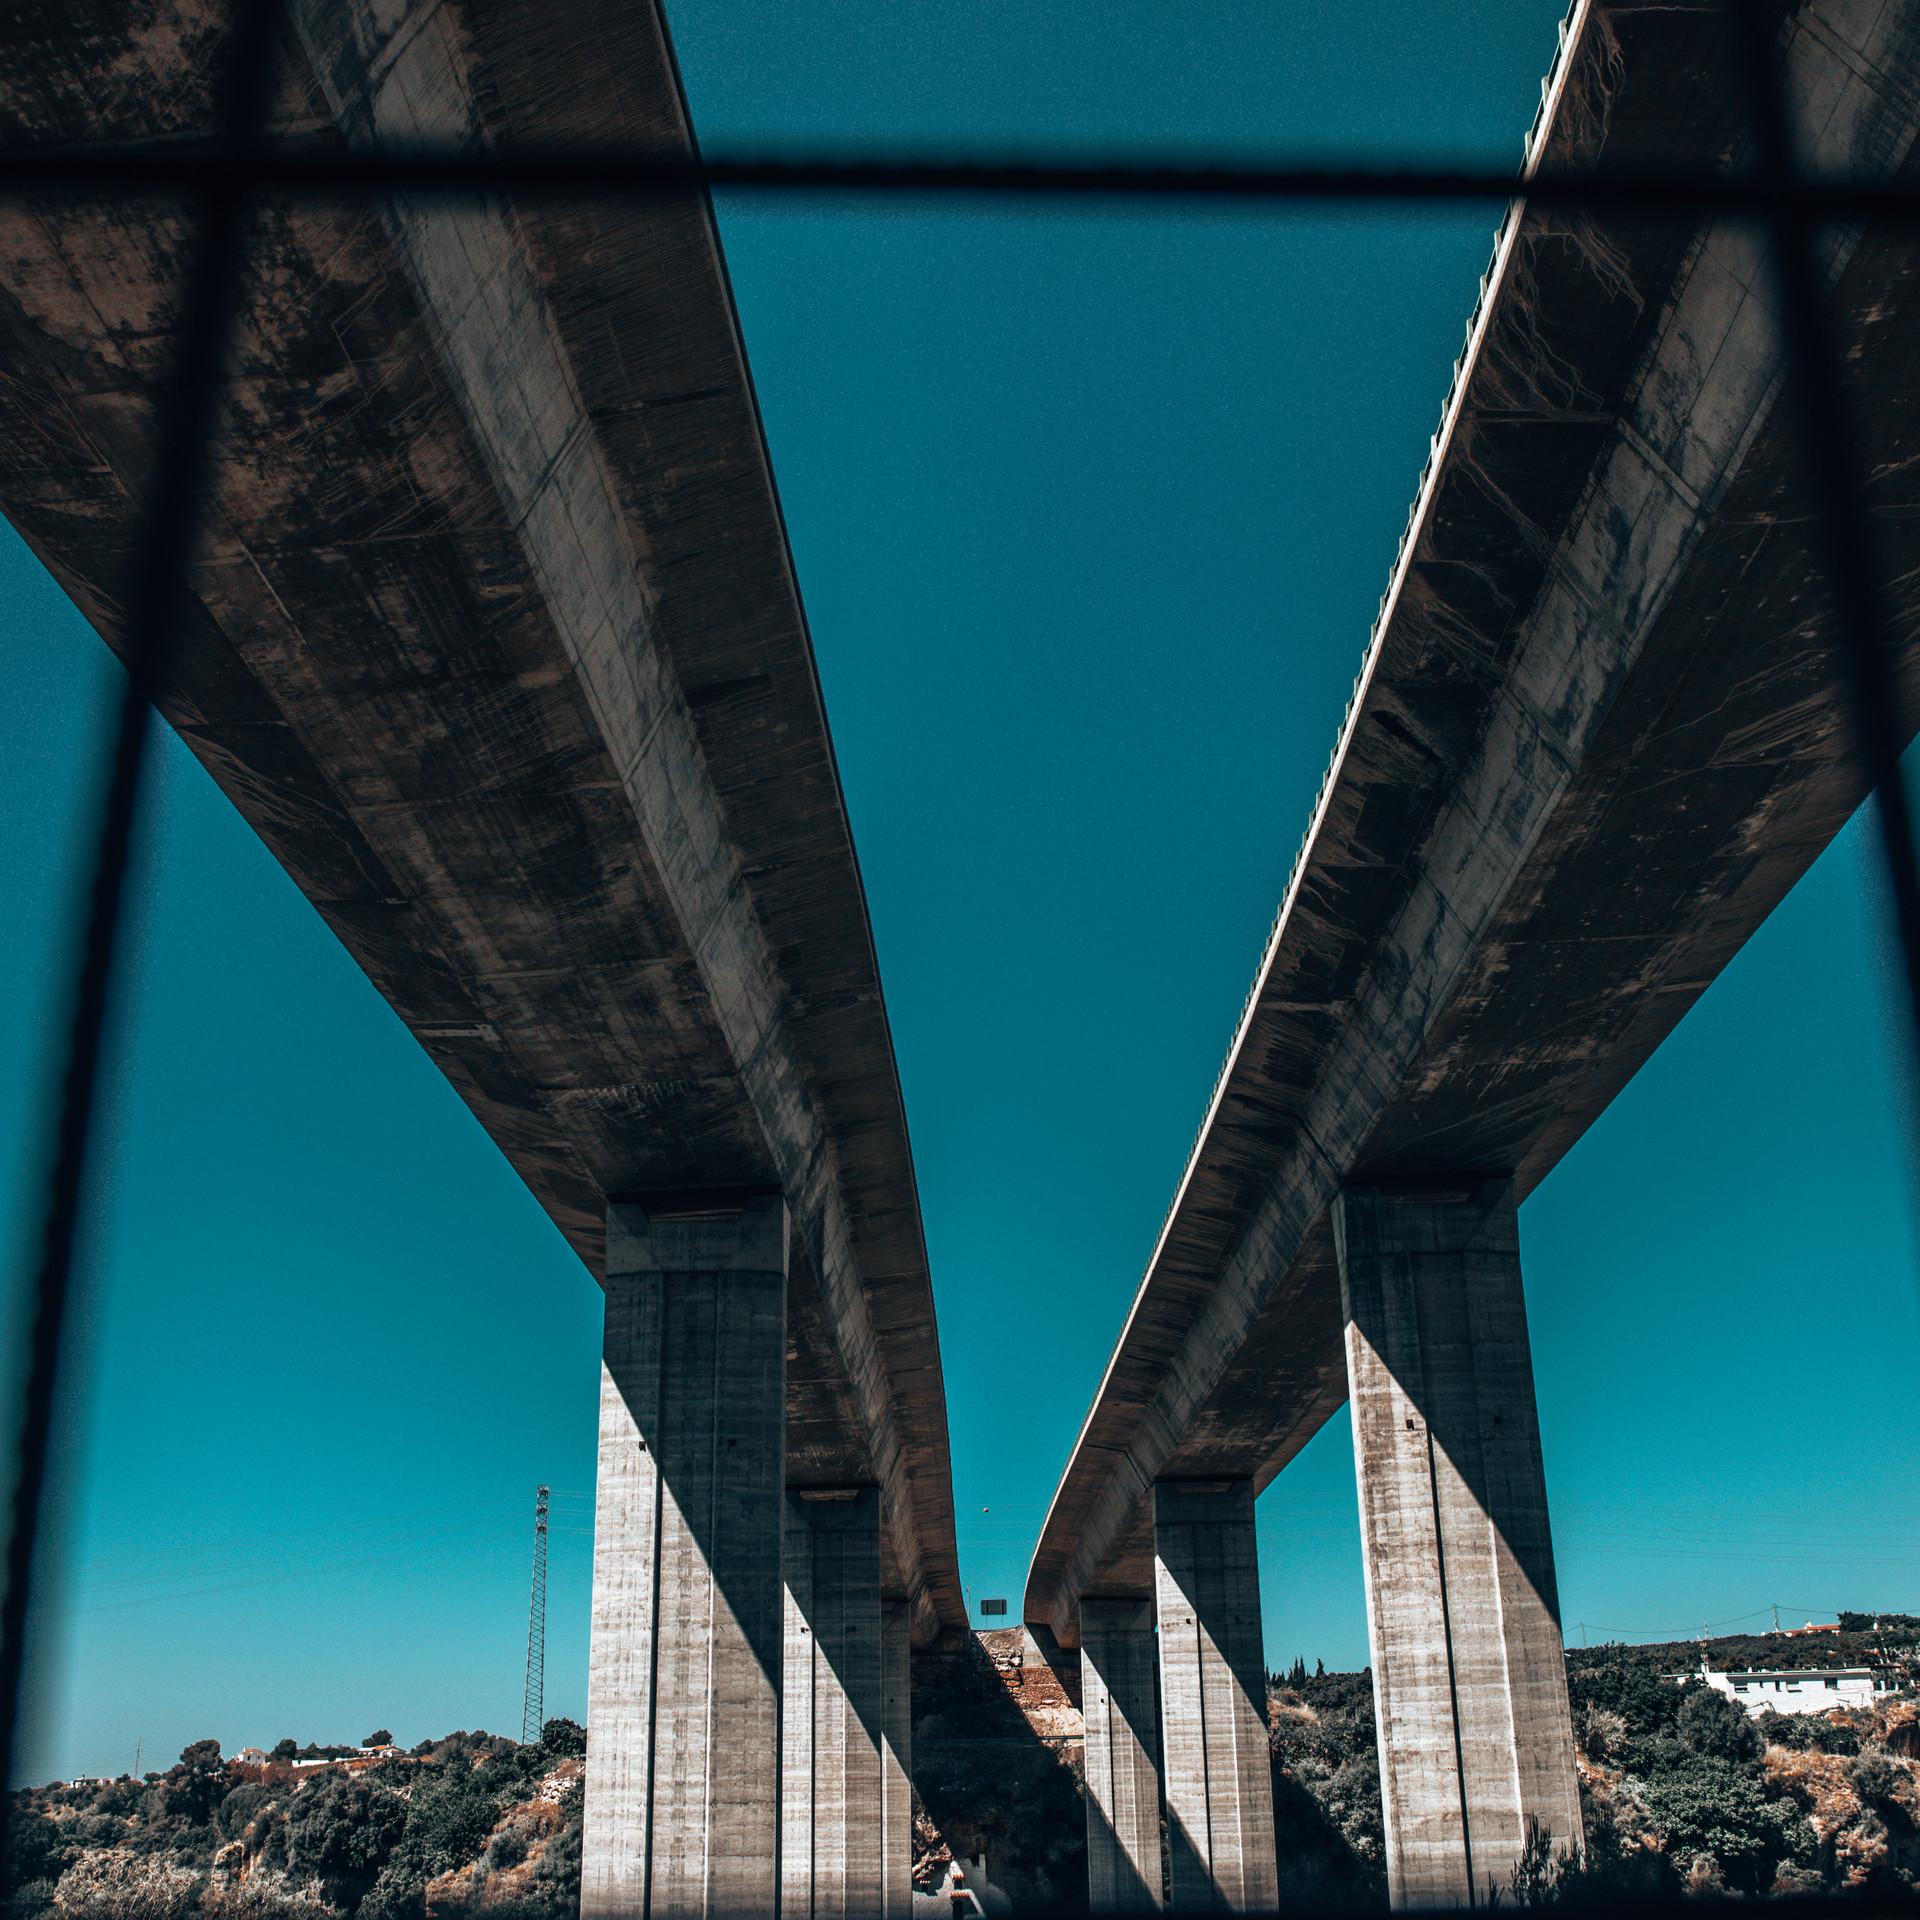 highway Malaga